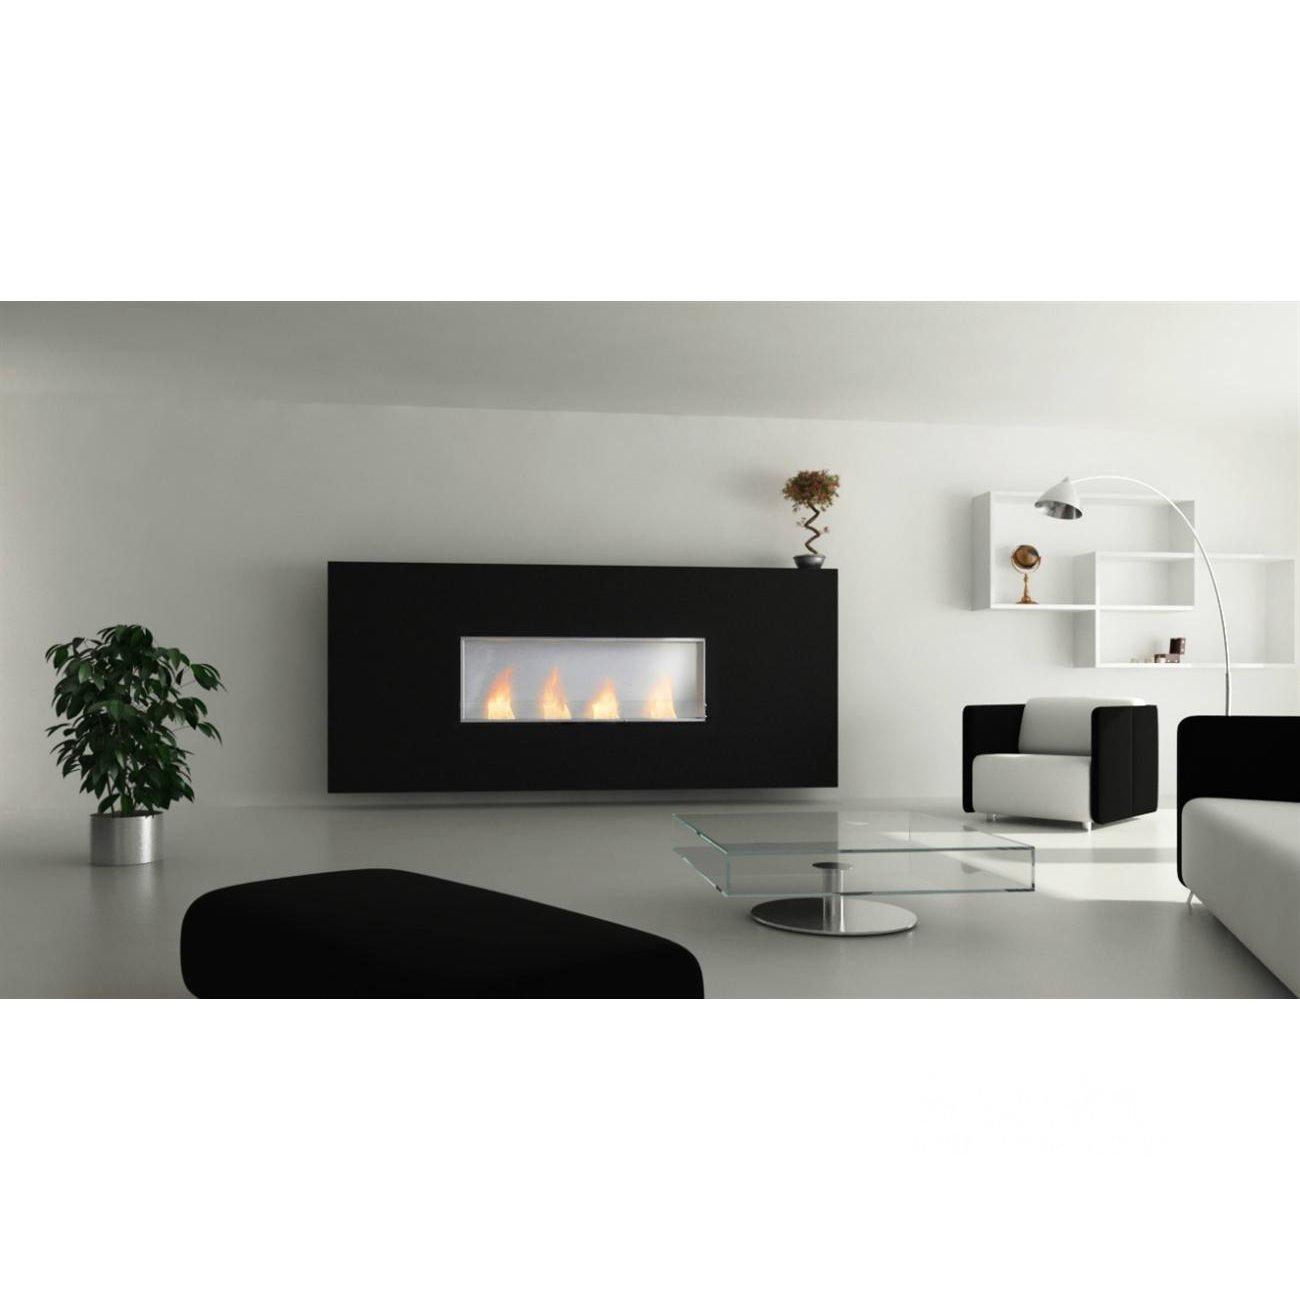 glammfire einbau ethanolkamin glammbox mit r ckwand. Black Bedroom Furniture Sets. Home Design Ideas